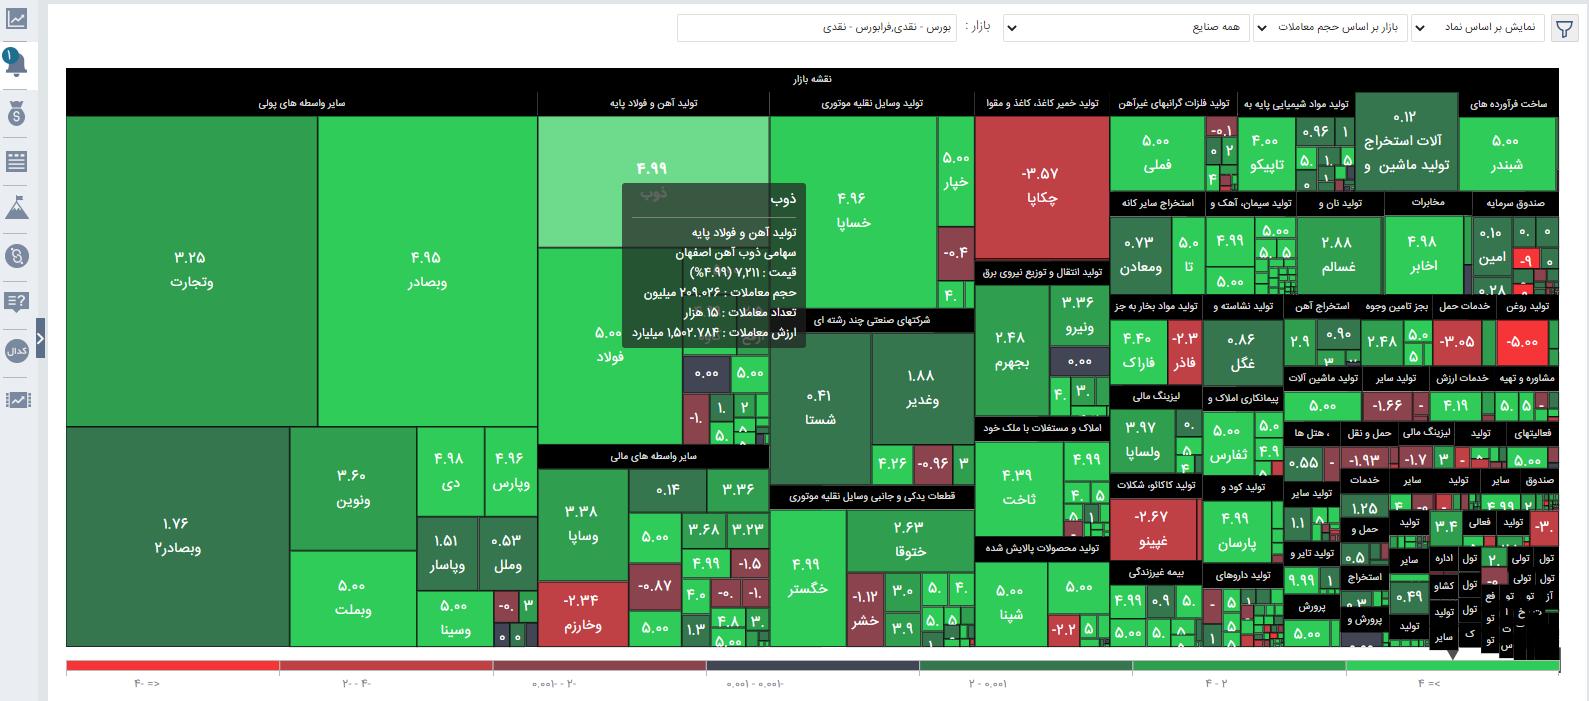 نقشه بازار در پنل معاملاتی آساتریدرآگاه